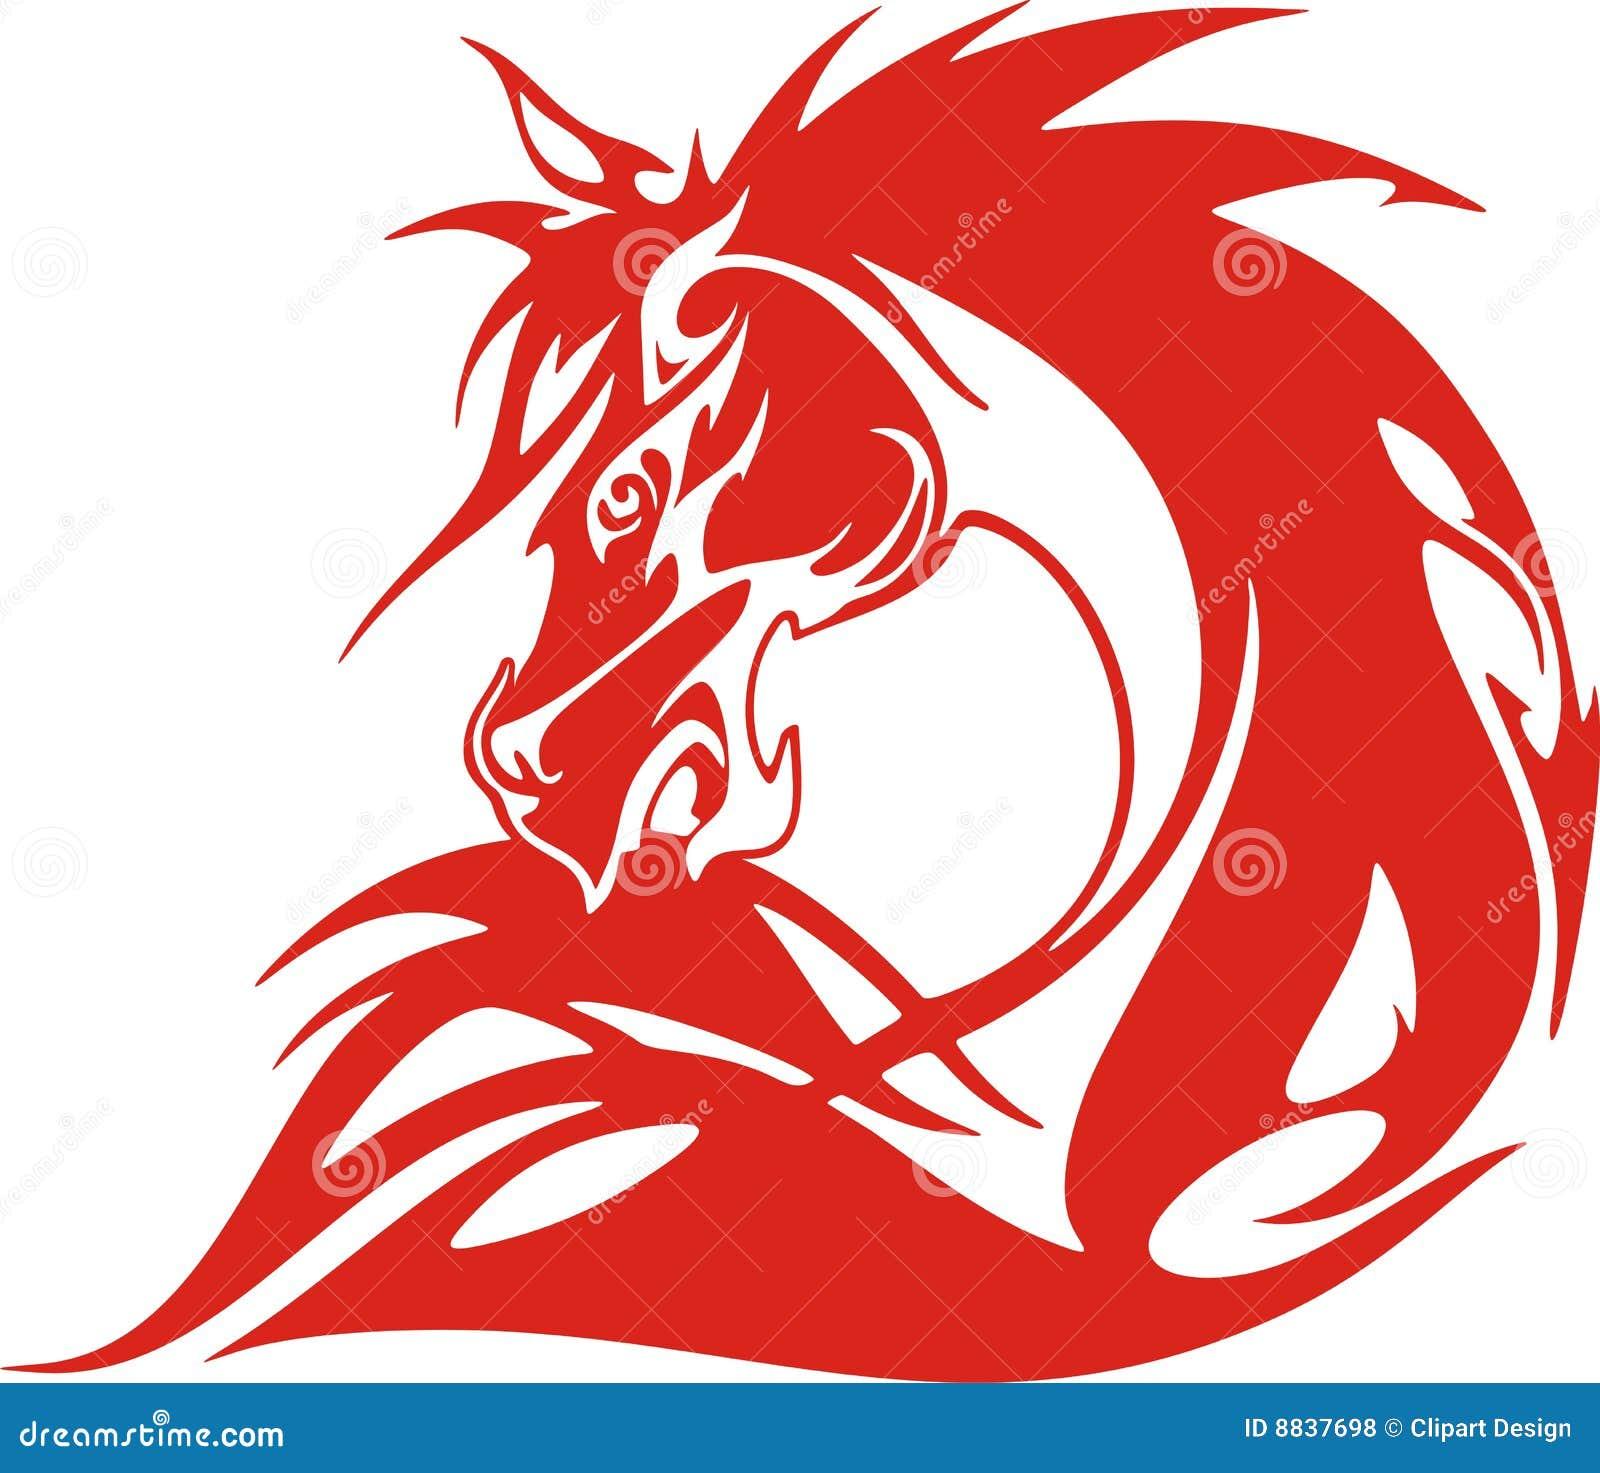 Loderndes Pferd stock abbildung. Illustration von tier - 8837698